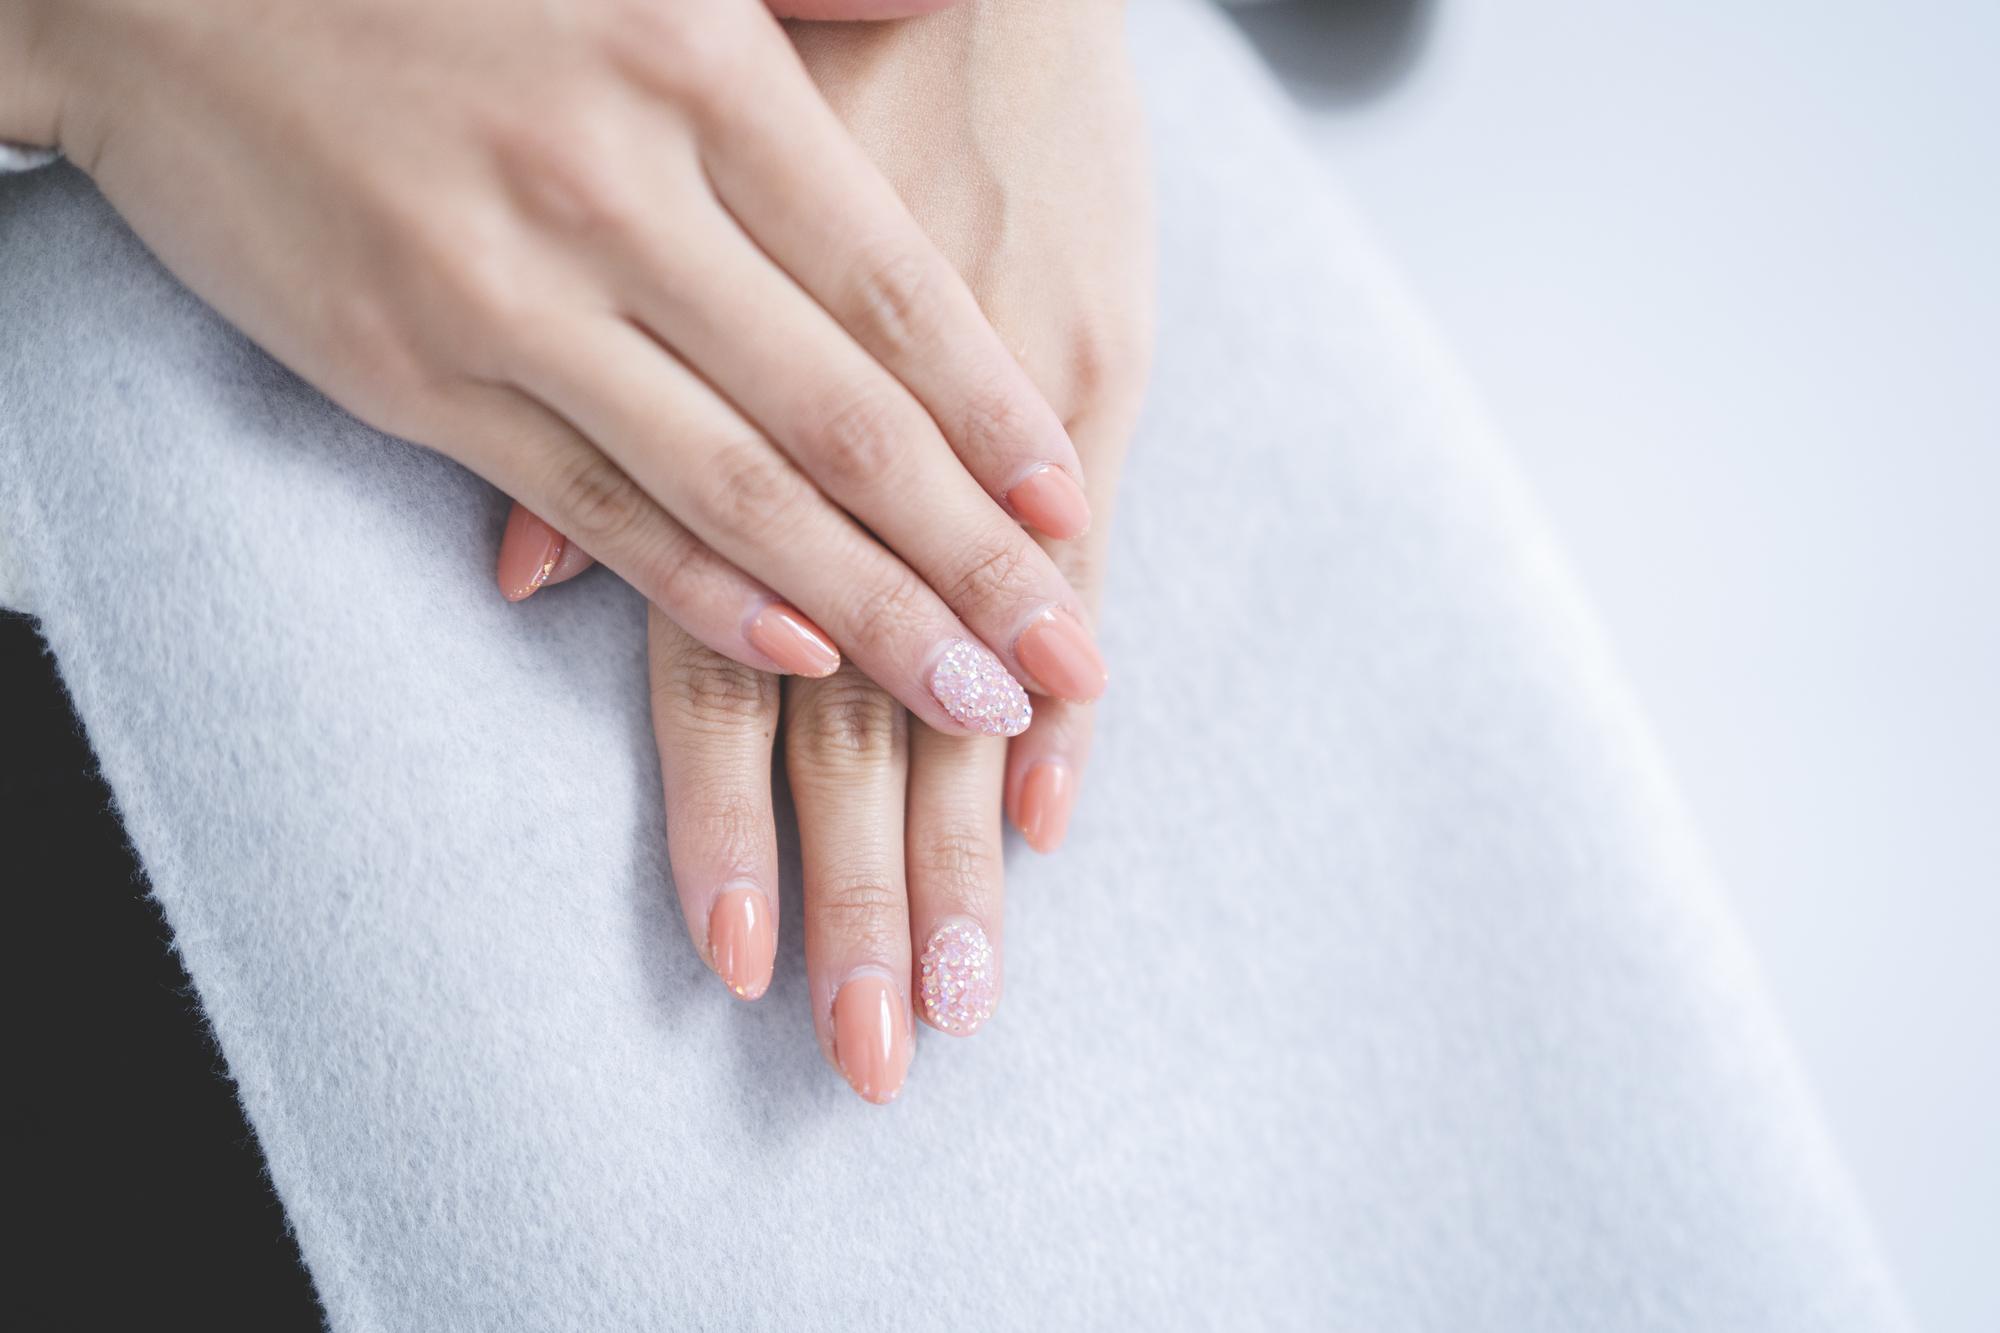 女性の指と爪